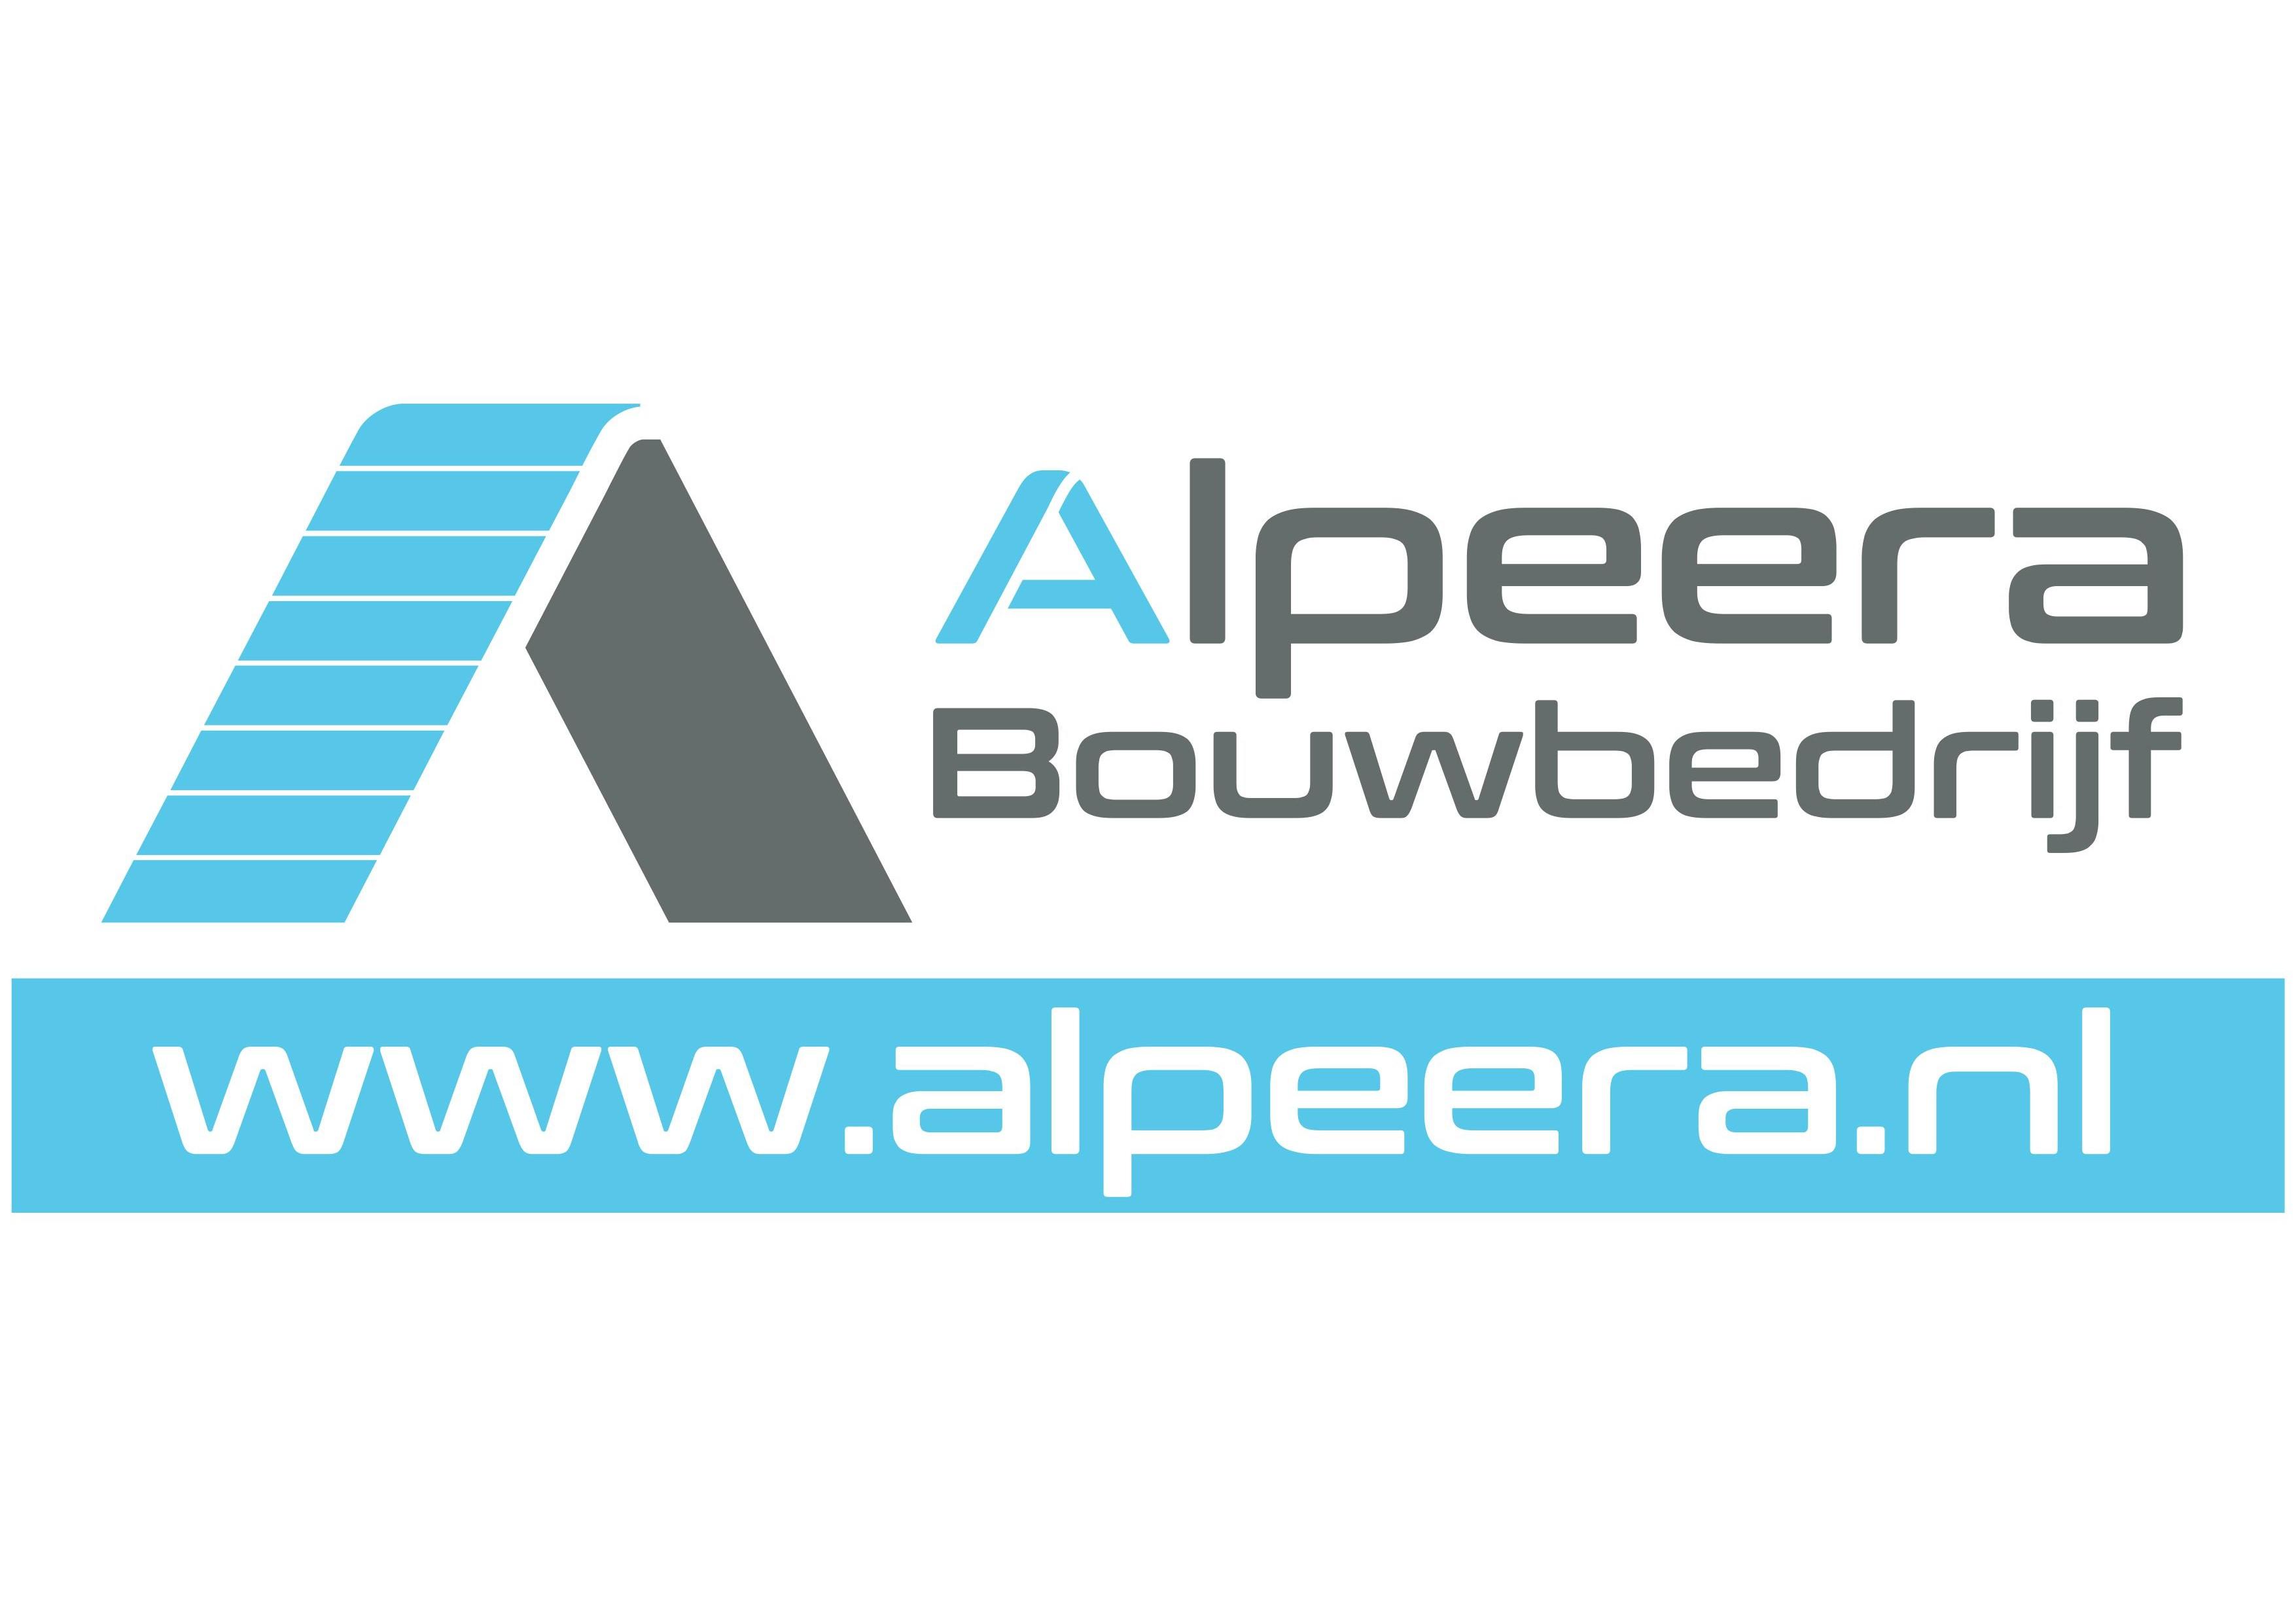 Alpeera